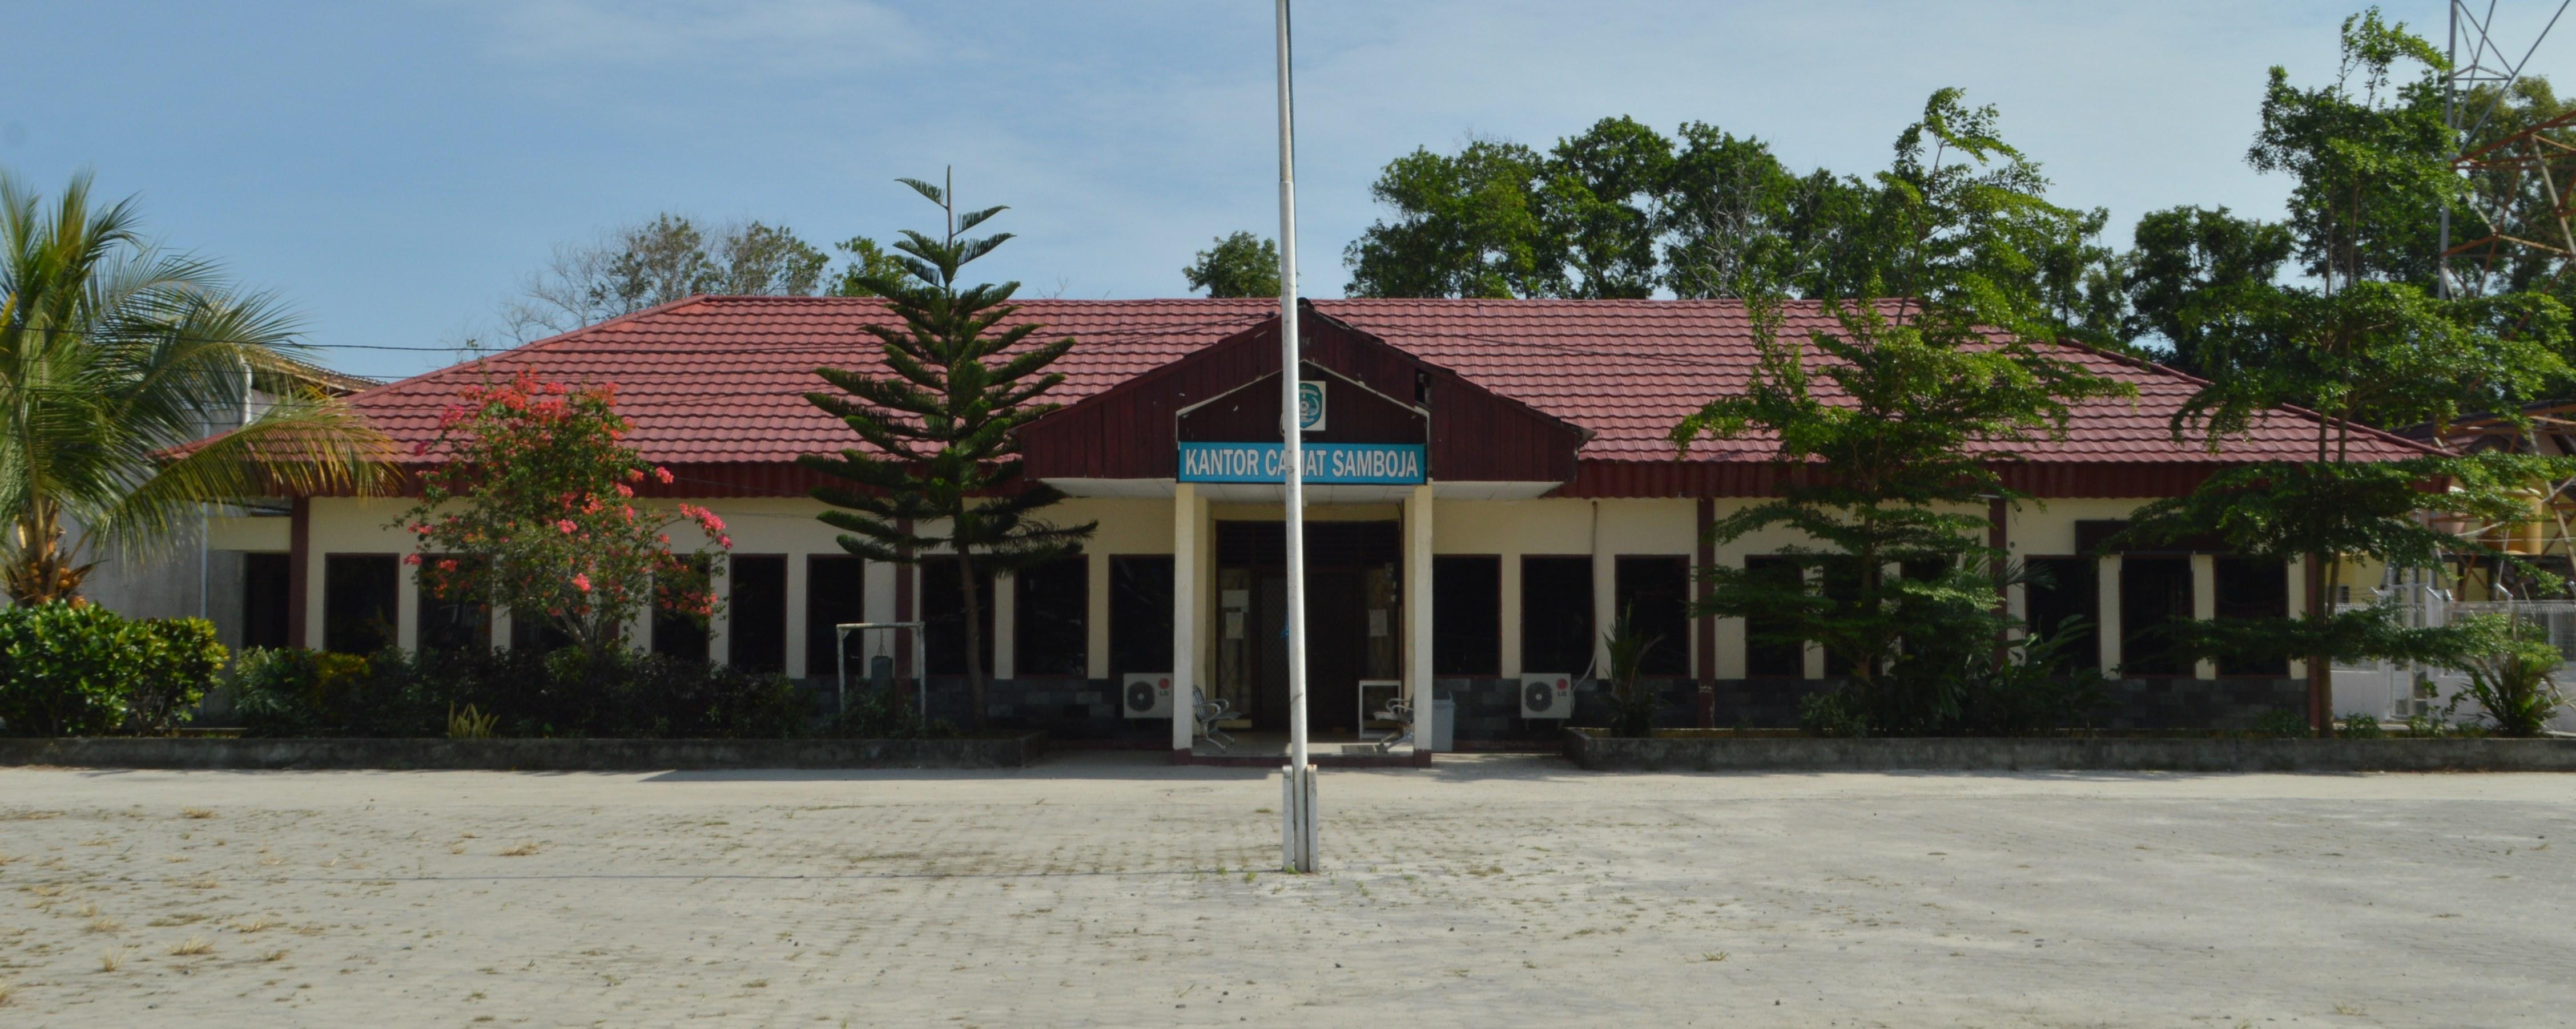 Kantor Kecamatan Samboja